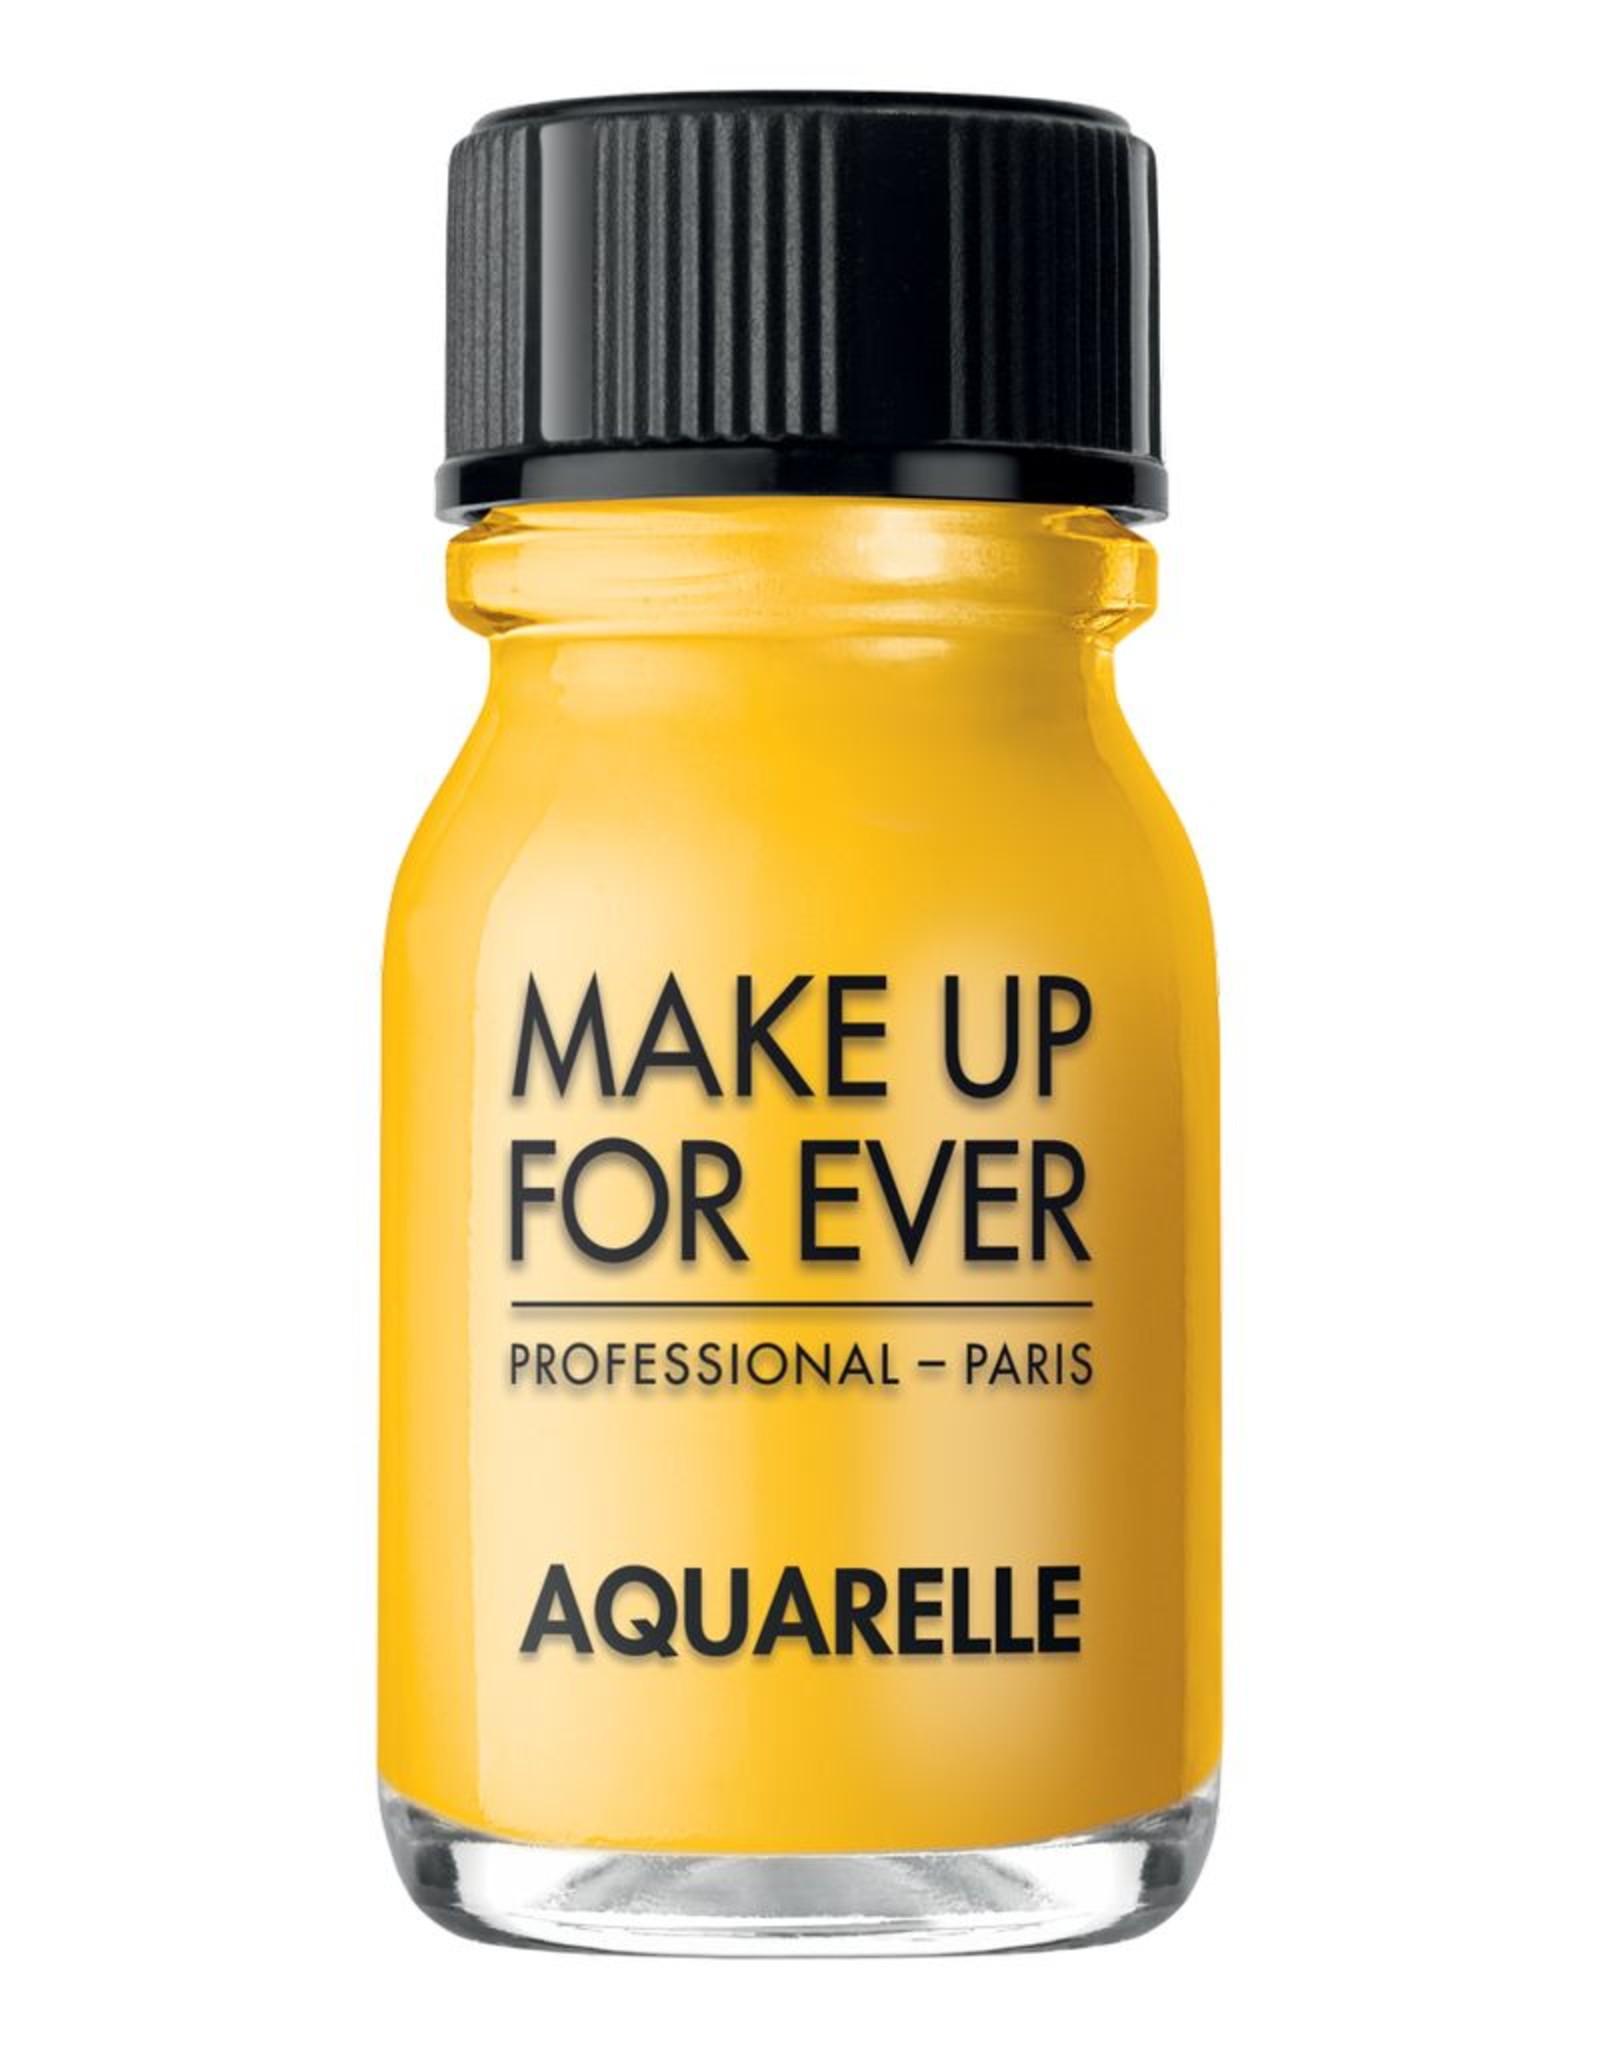 MUFE AQUARELLE 10ml N309 jaune /  yellow